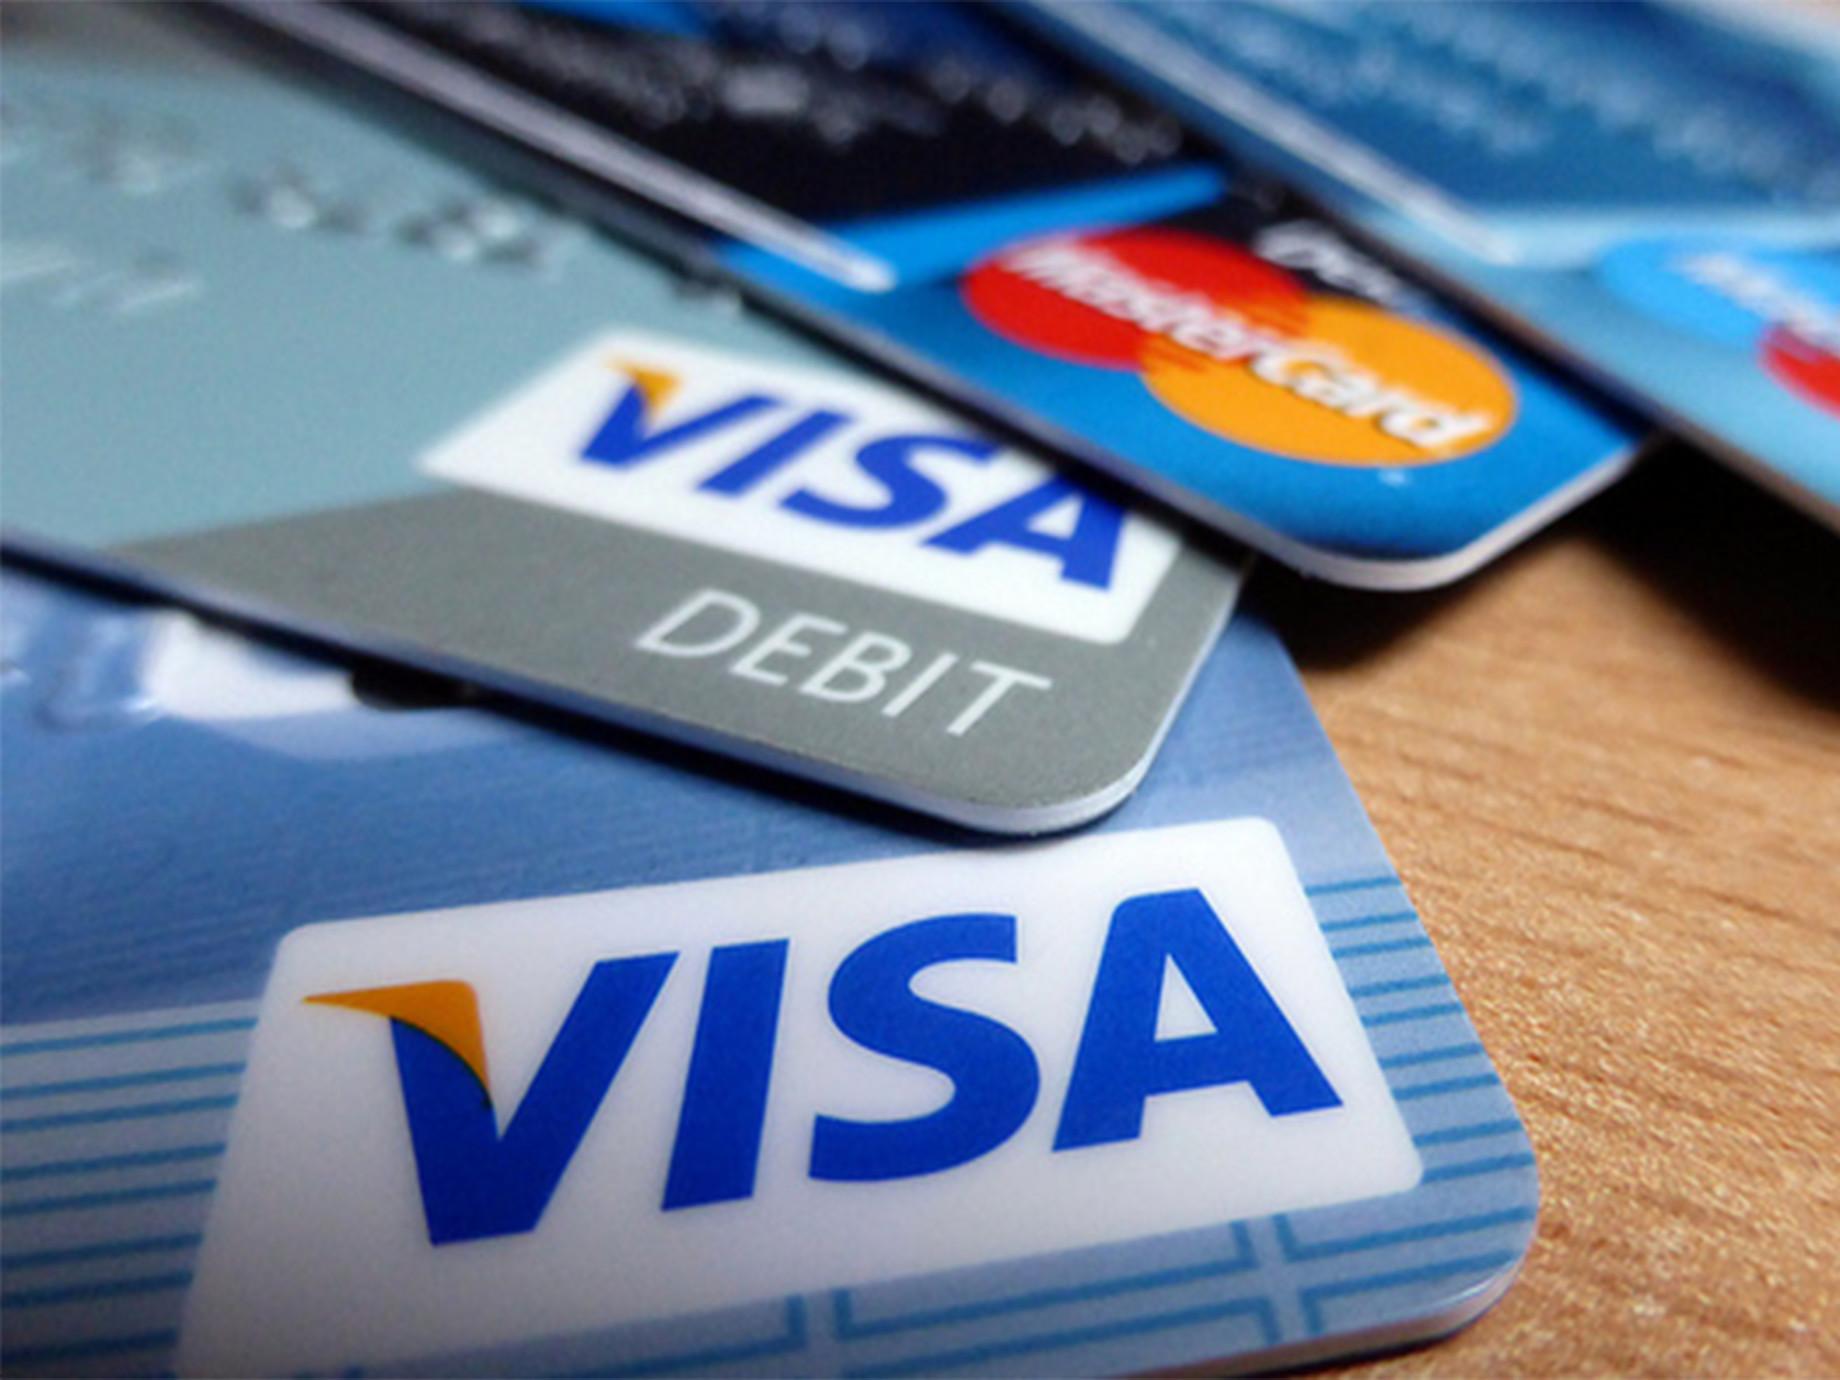 信用卡行為大數據分析,國人消費習慣一覽